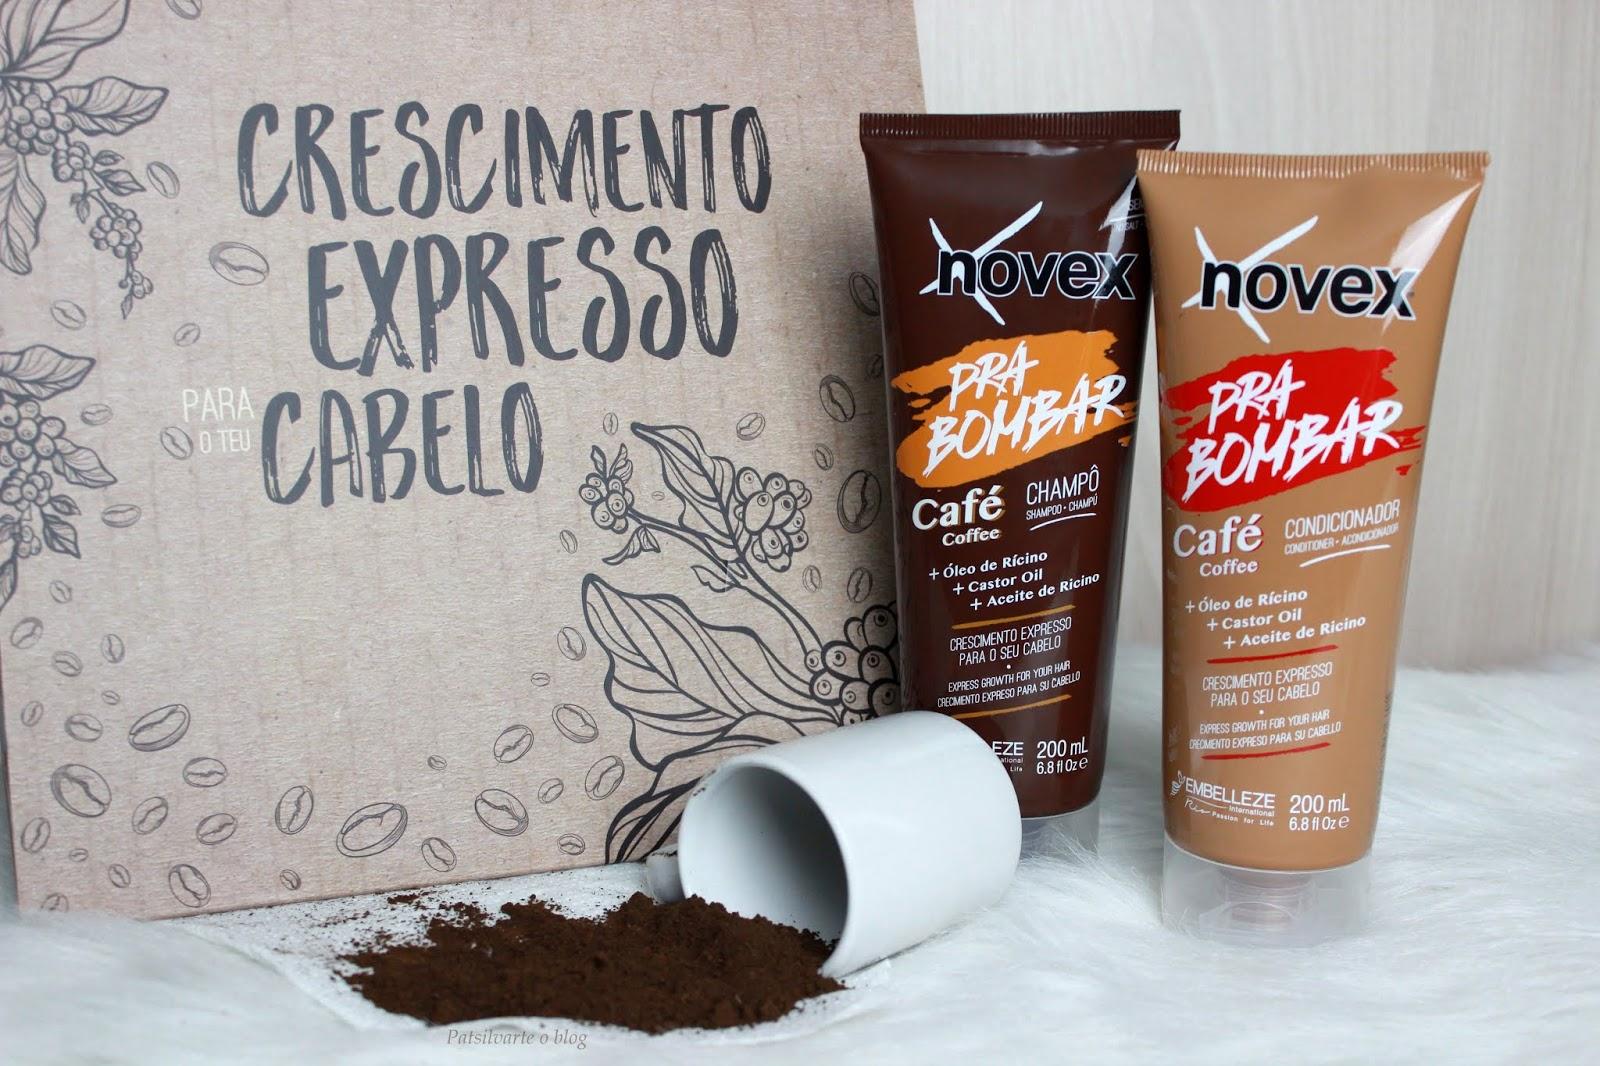 Novex Pra Bombar Café Review